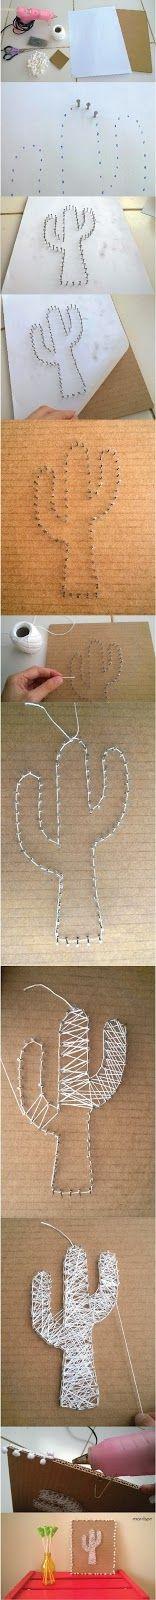 Faça você mesmo: quadro de string art com papelão  #artesanato #decoração #papelao #reciclagem #stringart #linha #decor #cacto #diy #tutorial #façavocêmesmo #quadro #dica #ideia #pap #reaproveite #marrispe